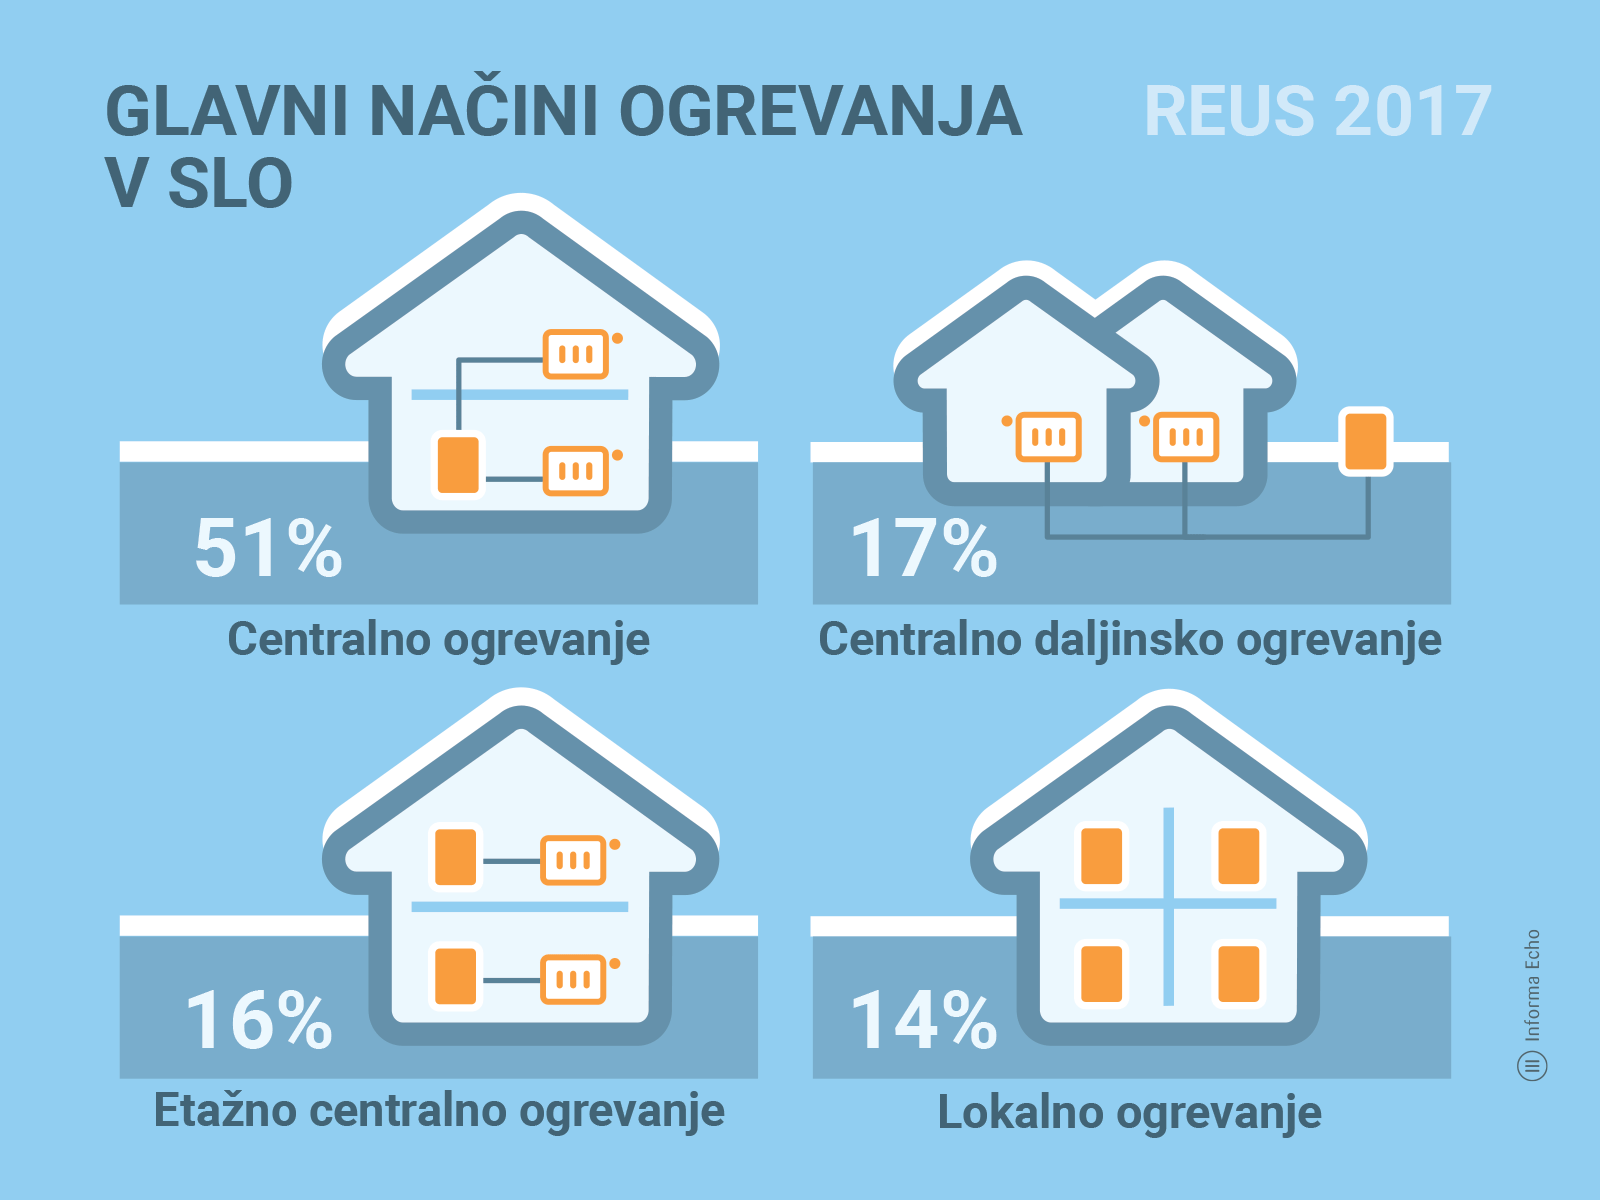 Povprečna slovenska družina porabi 1.500 € za ogrevanje